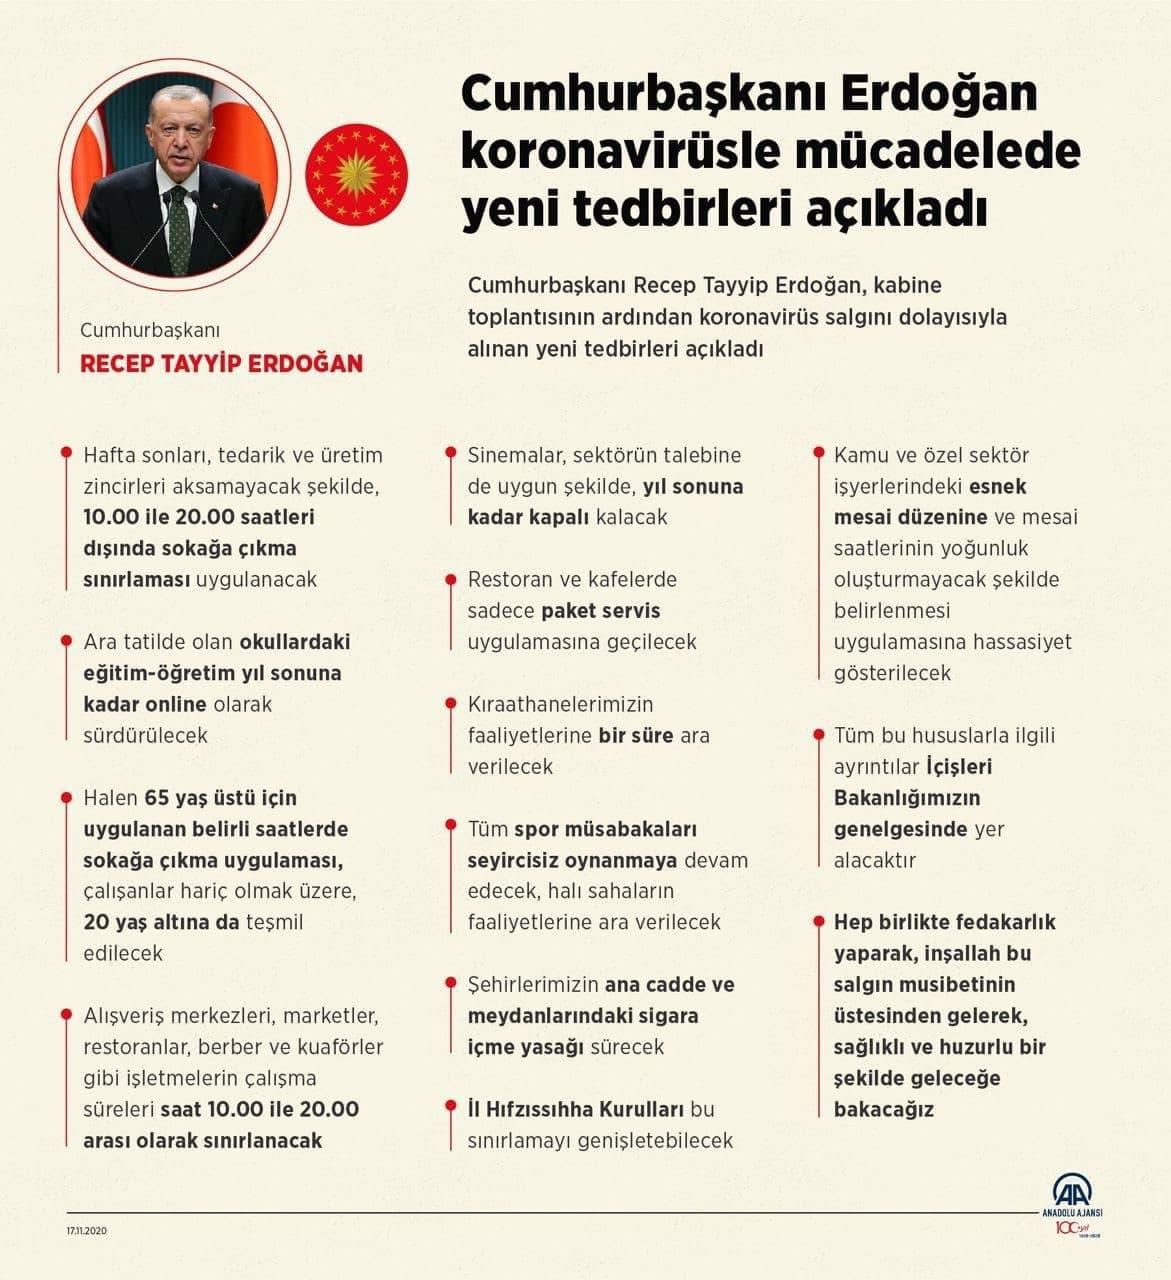 محدودیتهای جدید دولت ترکیه برای مقابله با شیوع کرونا